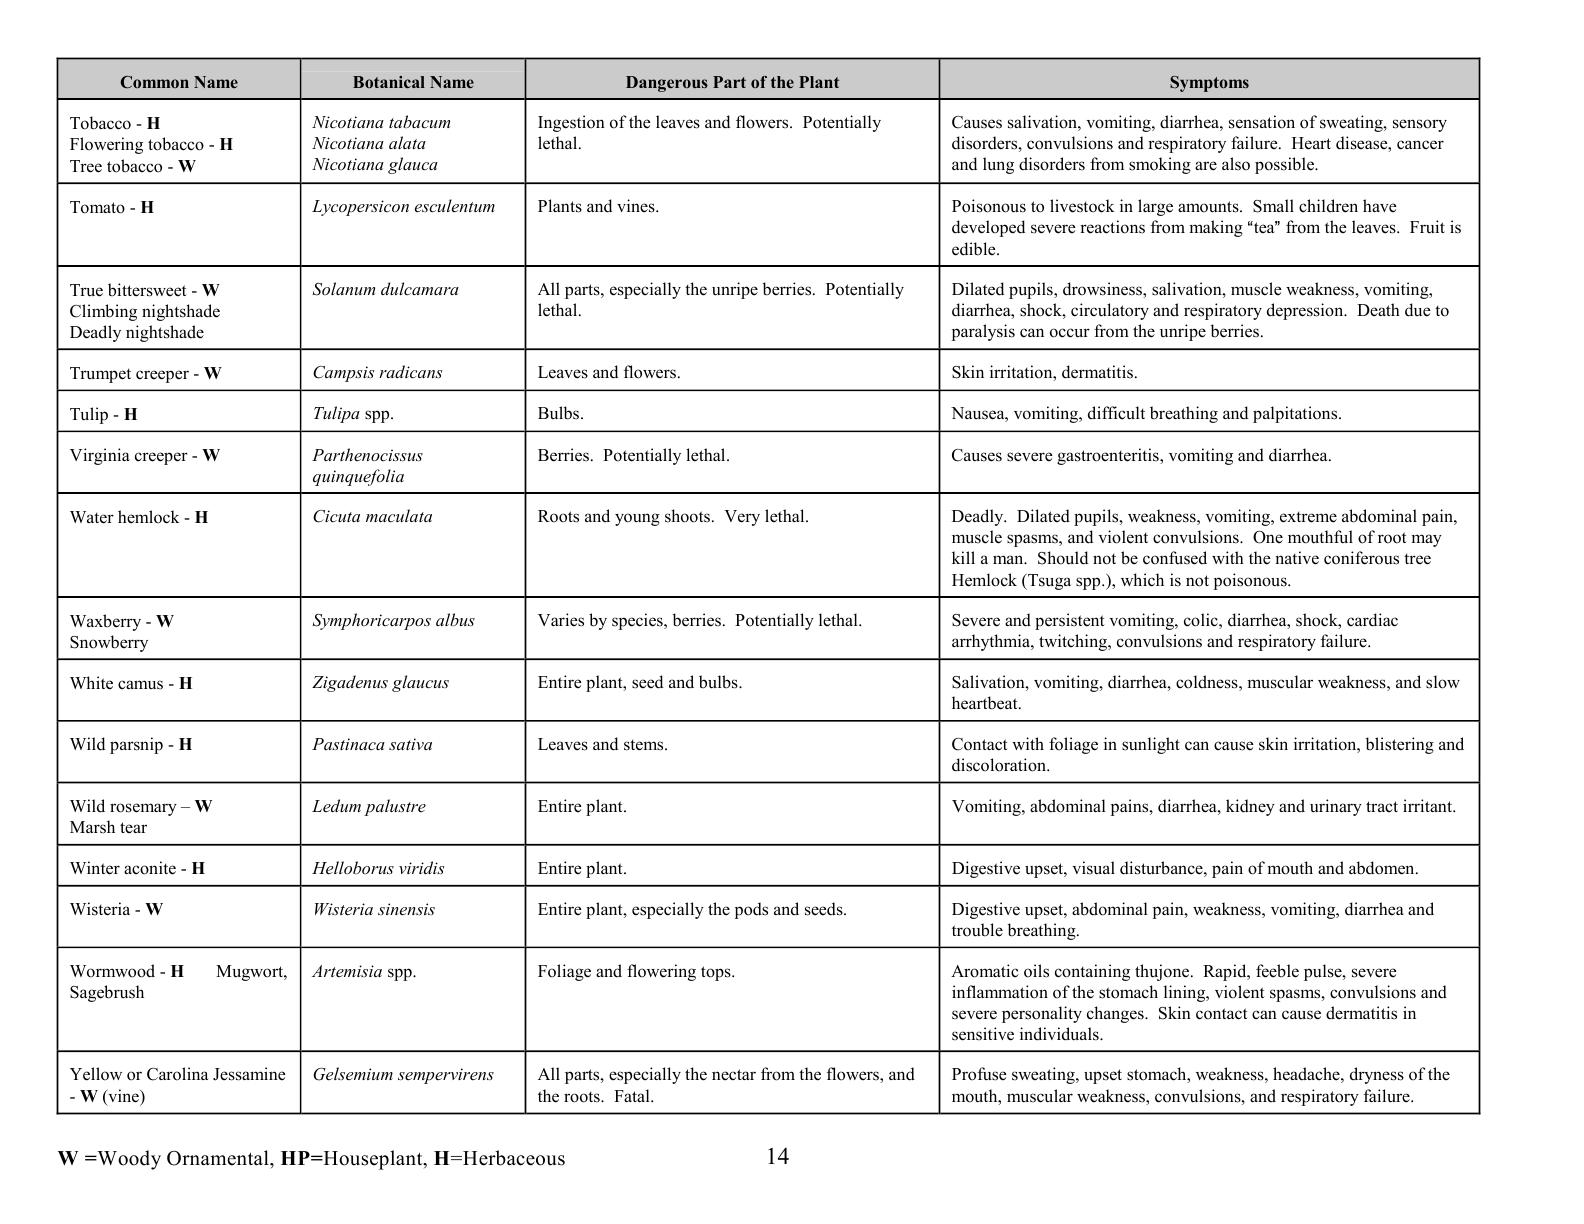 oc0417_revisedpoisonousplants14